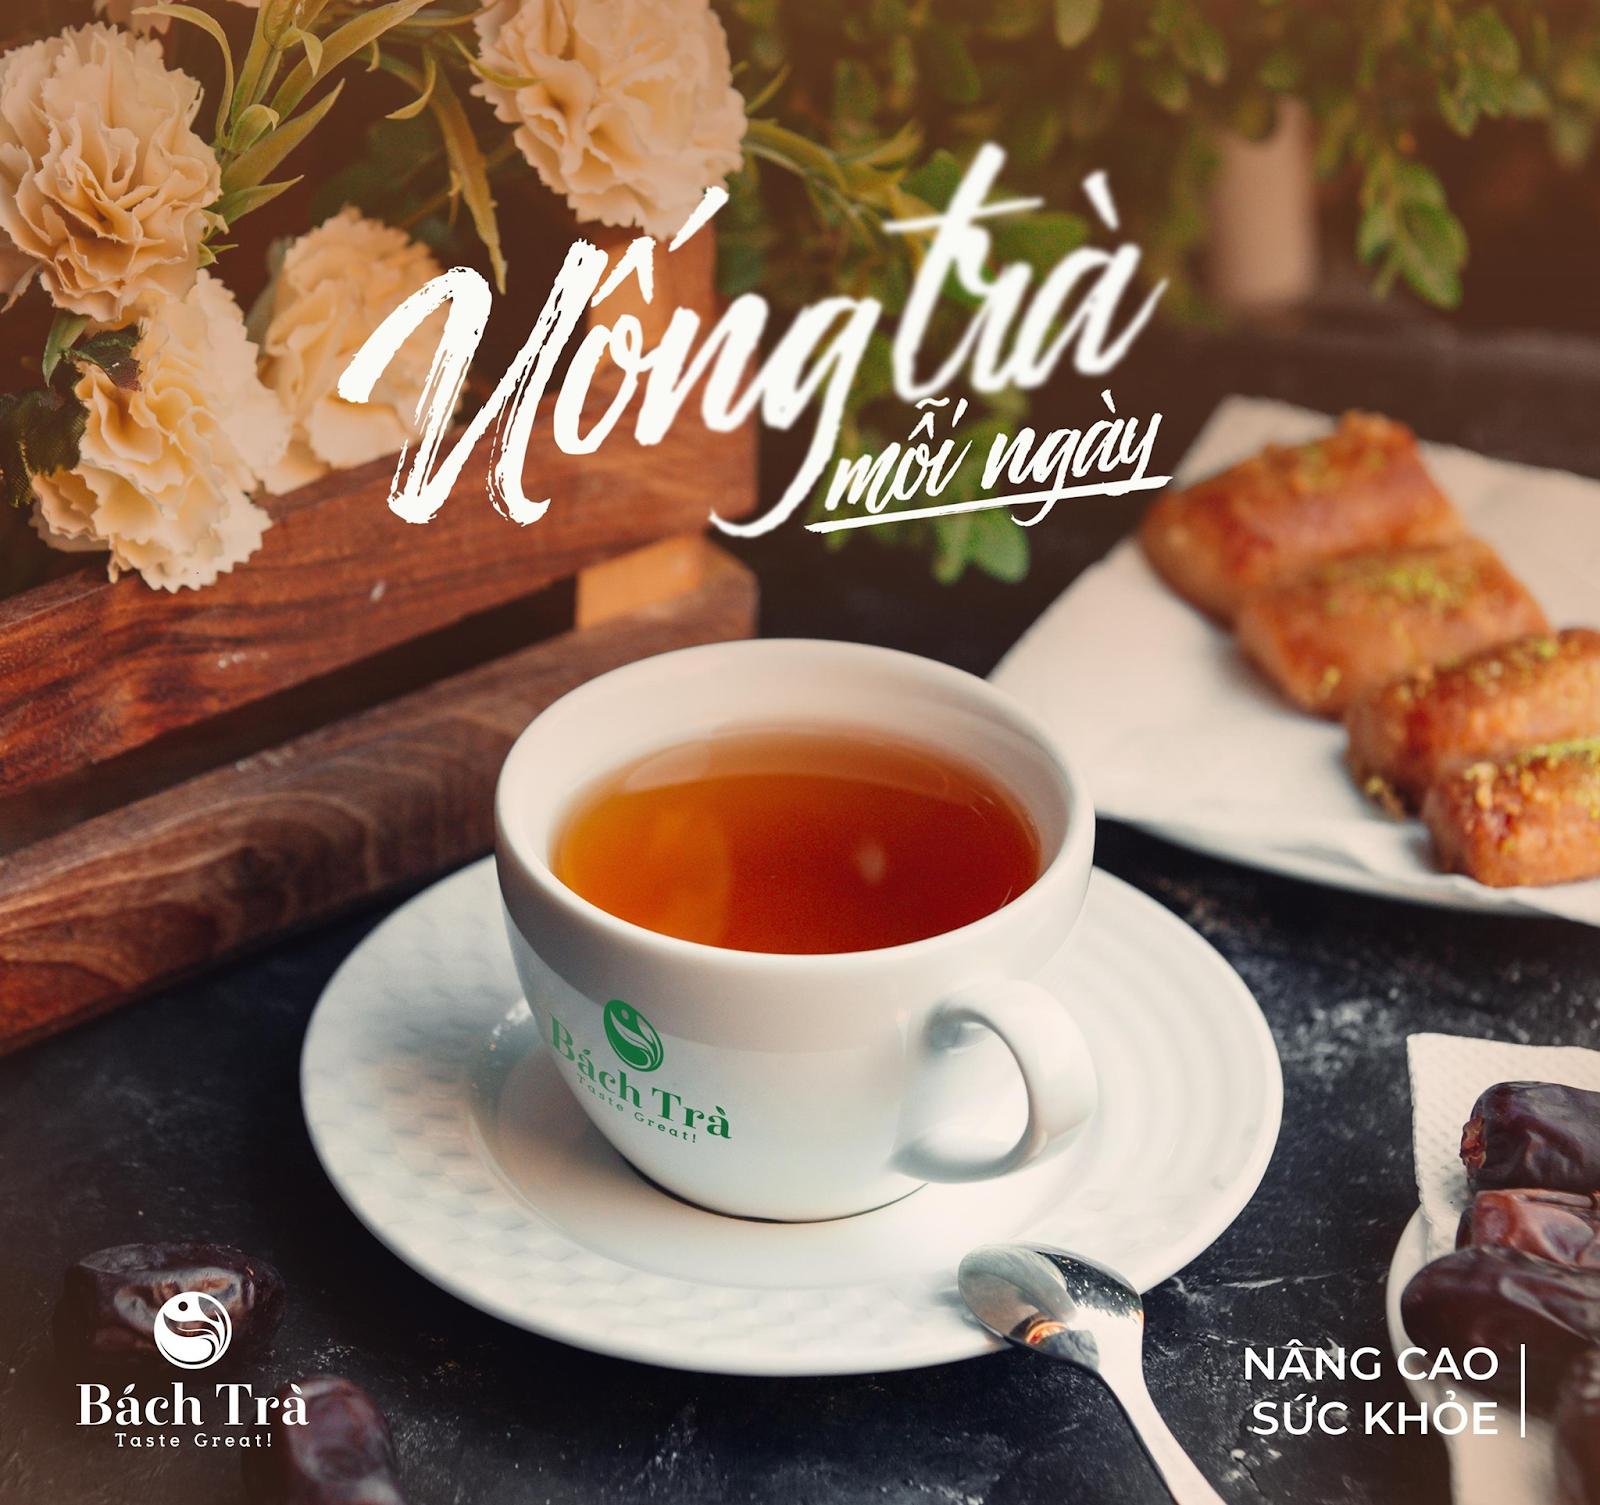 (Uống hồng trà mỗi ngày có thể giúp cơ thể khỏe mạnh)